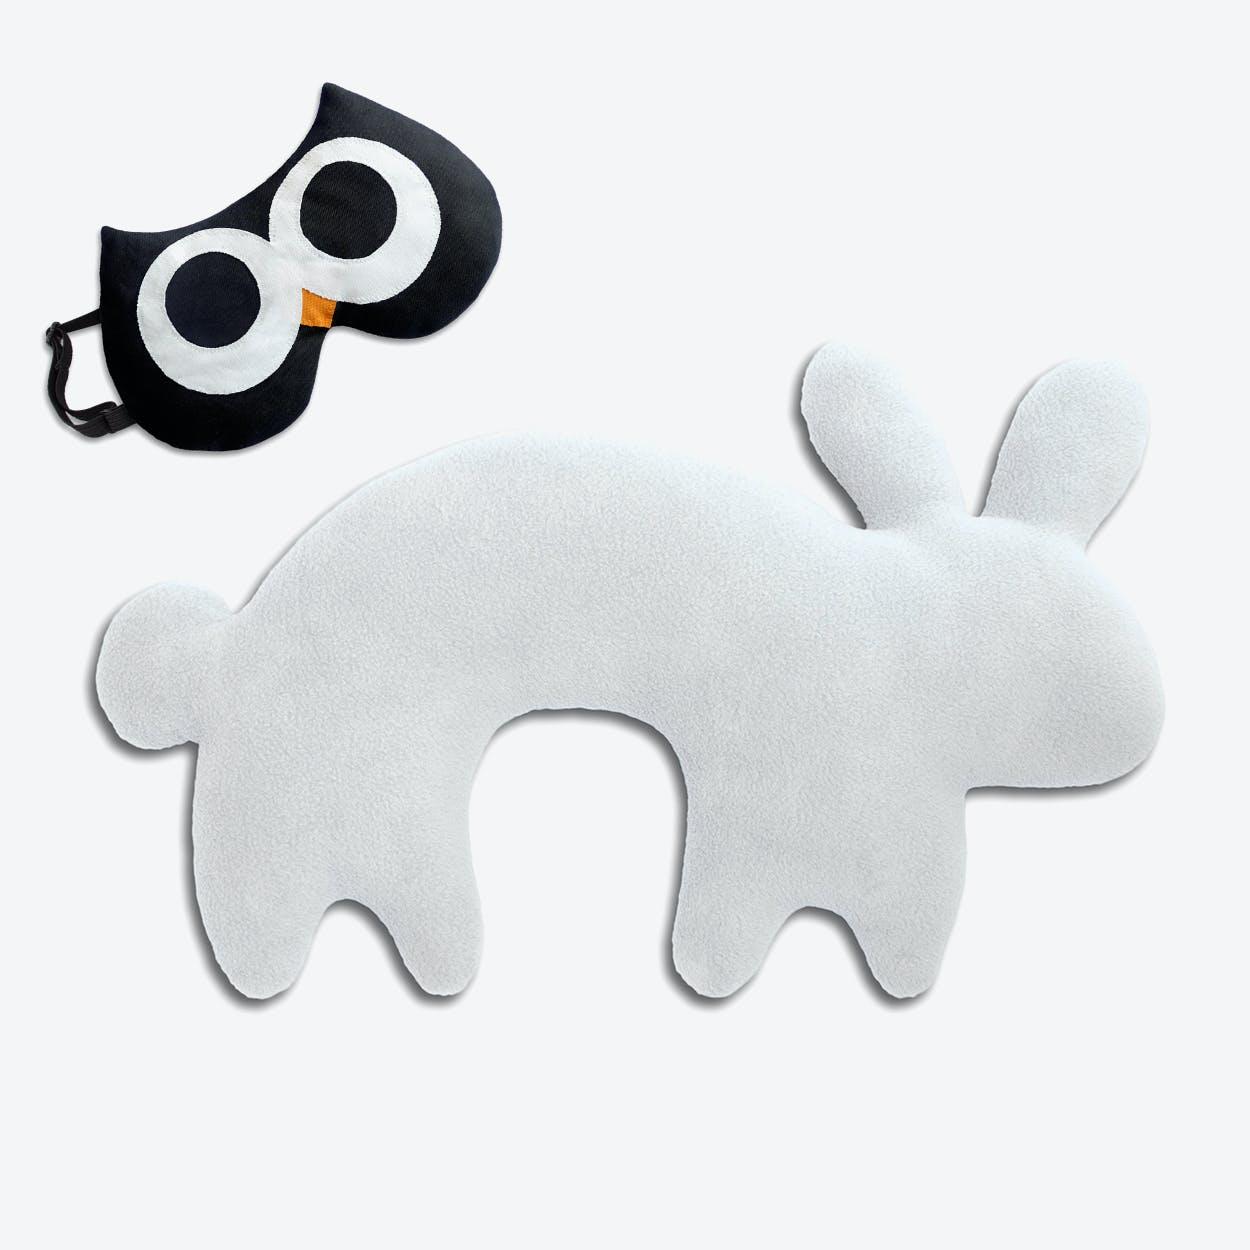 Travel Set of 2-Travel Pillow (Rabbit in White/Black) & Eye Mask (Owl in Black/Black)